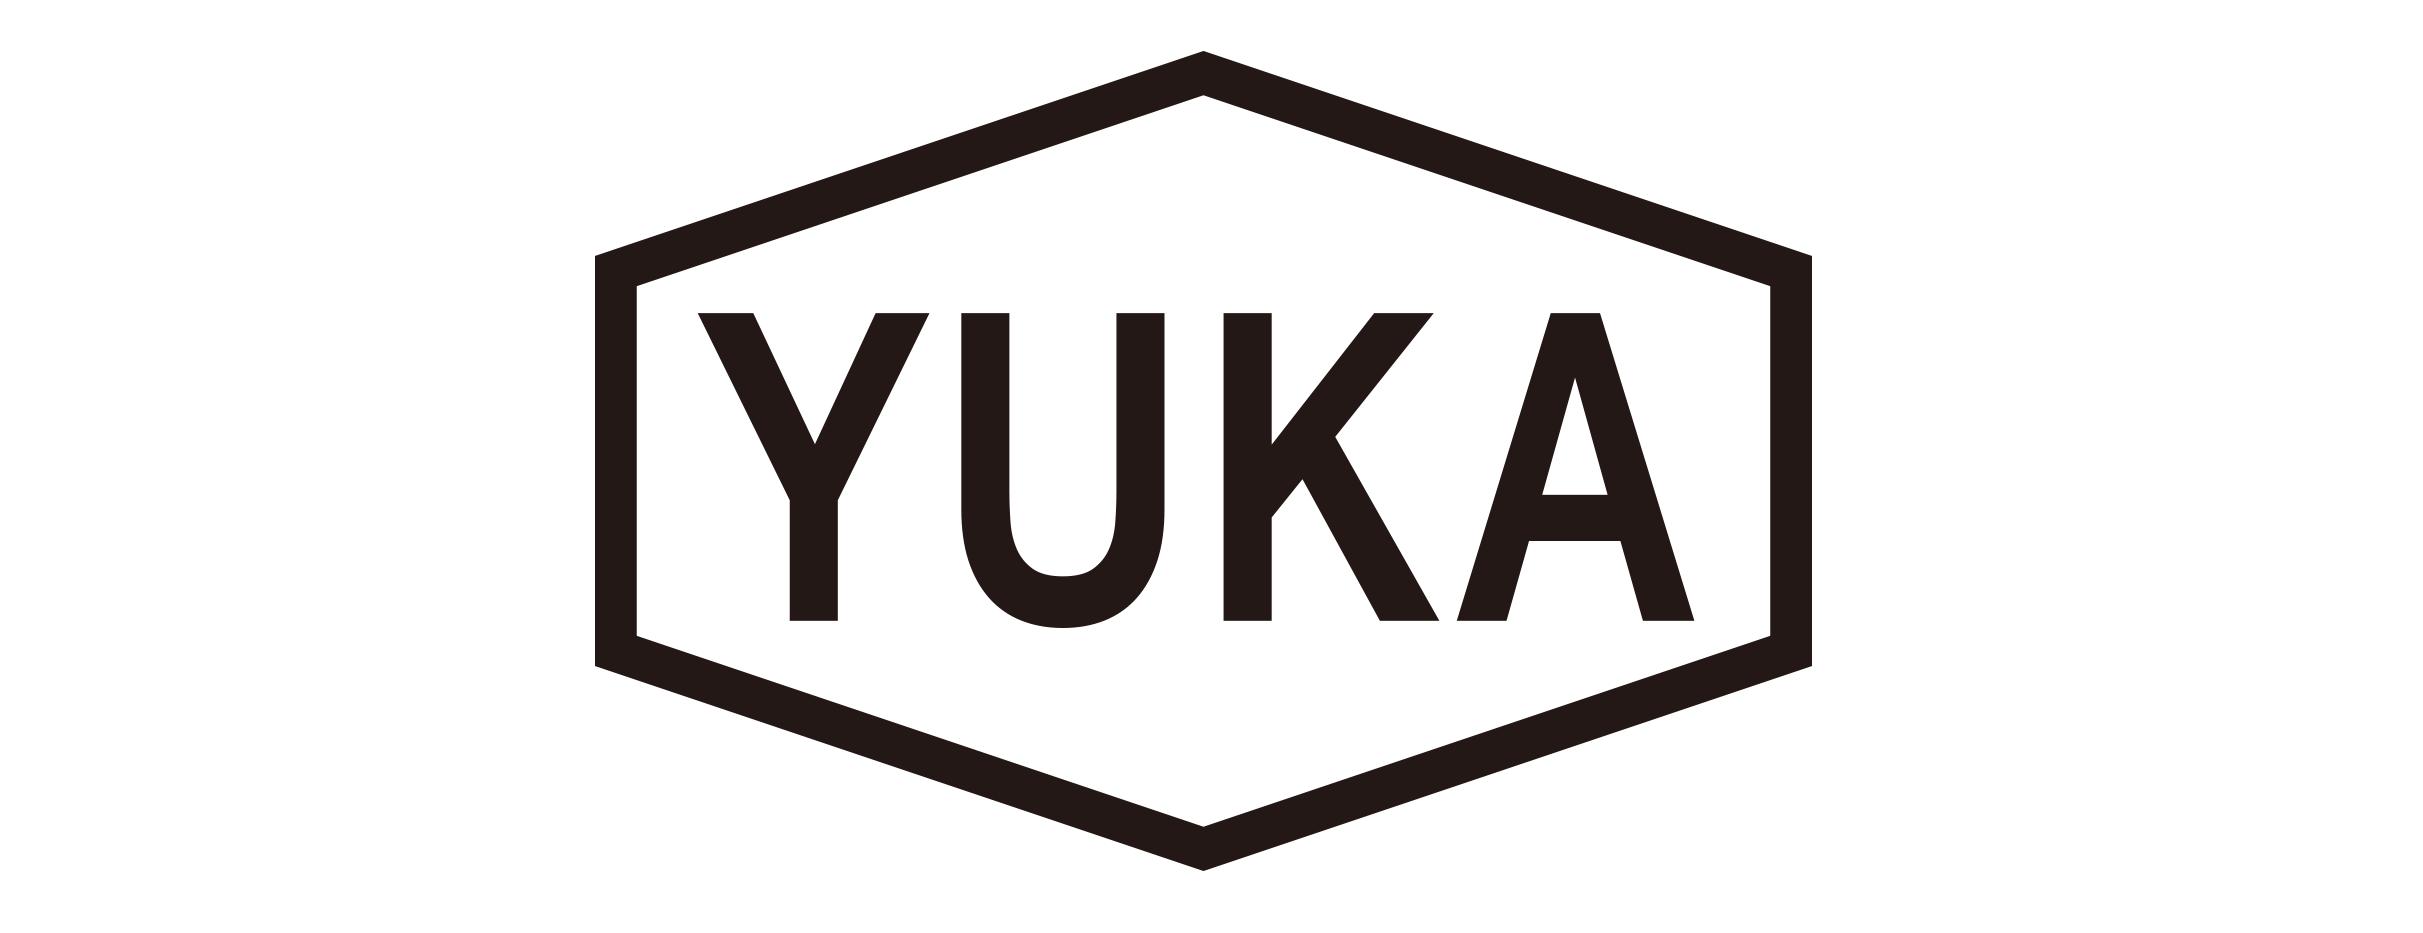 大阪油化工業株式会社